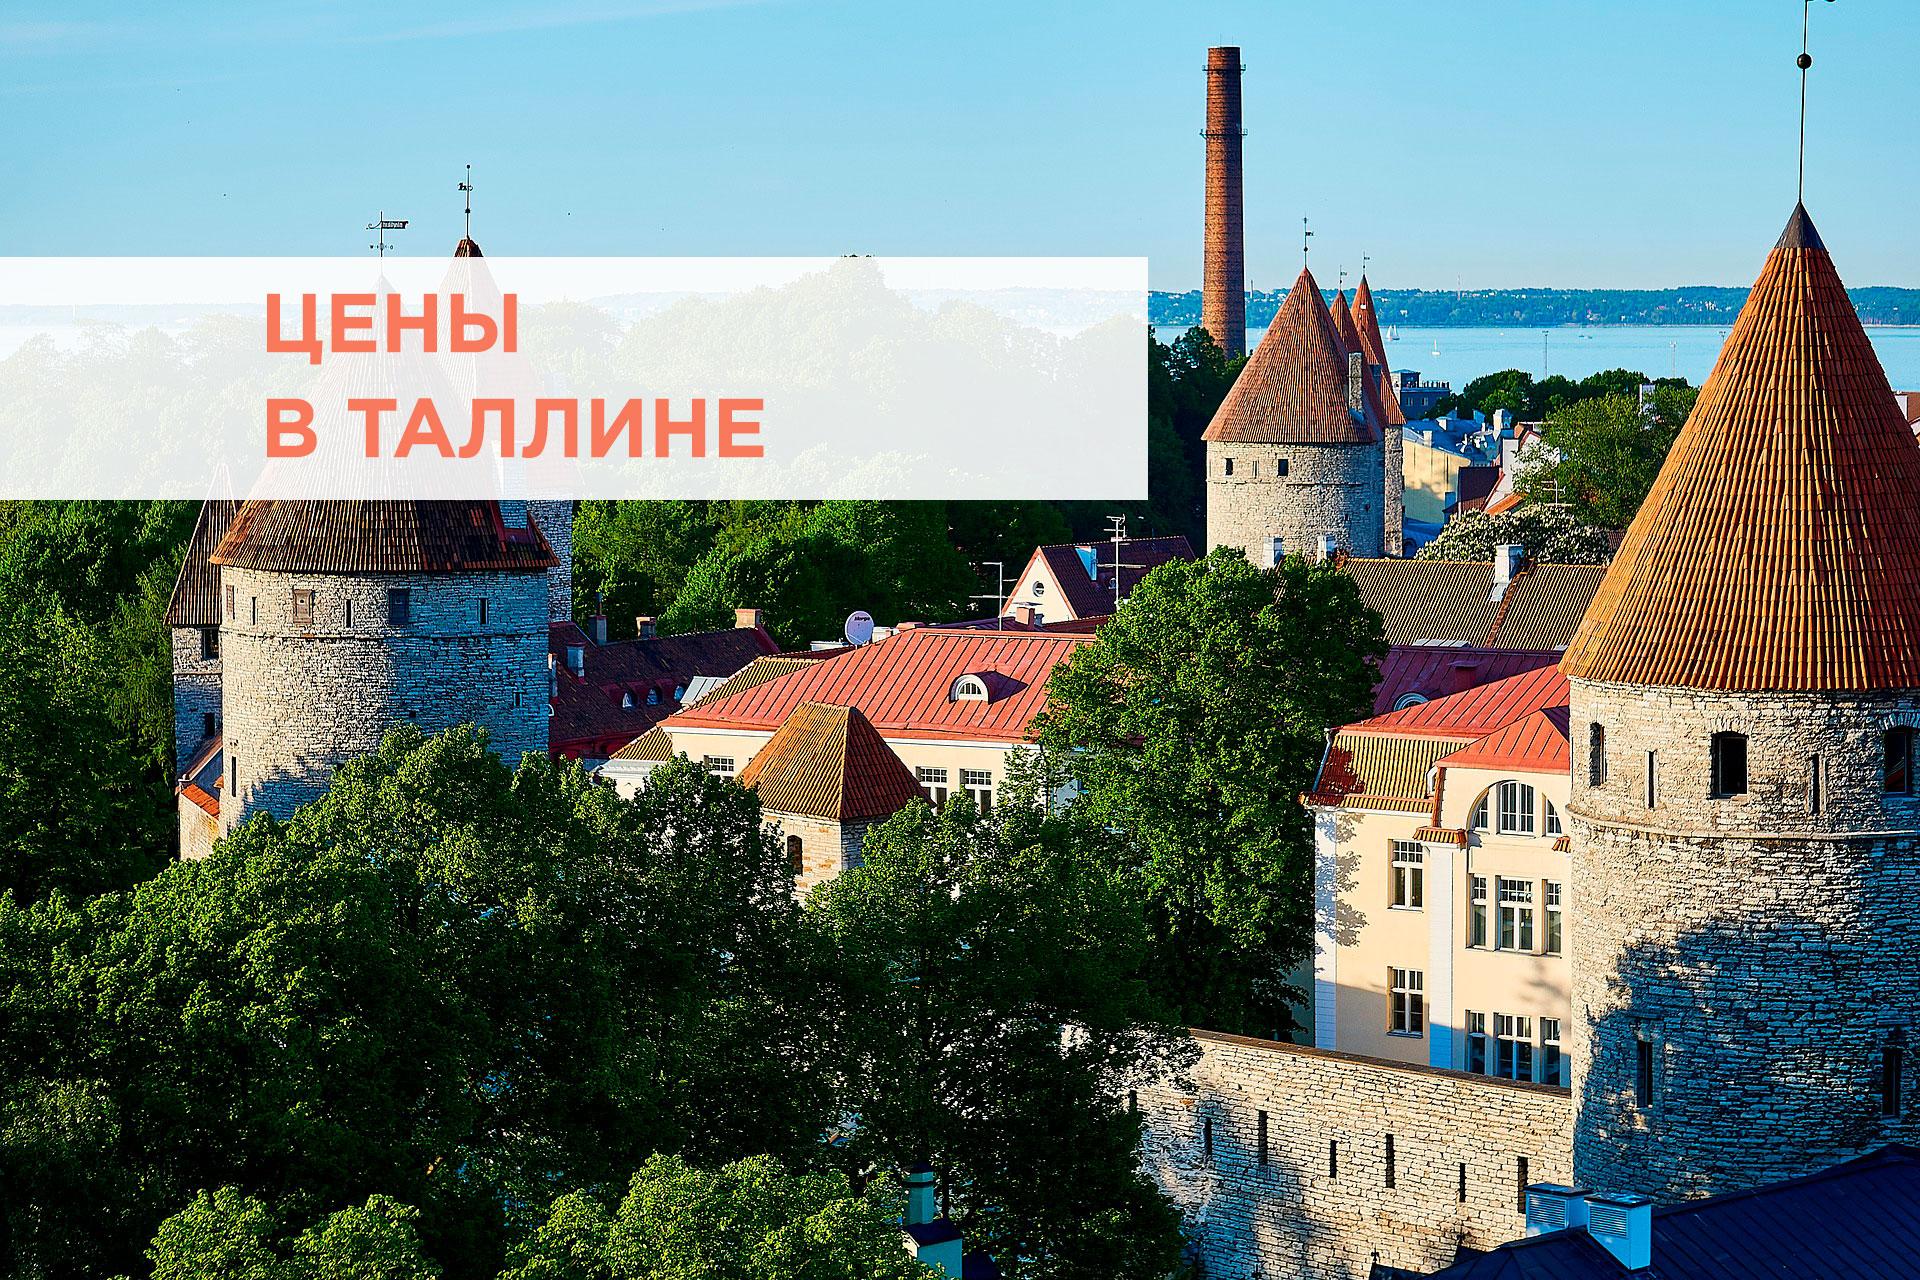 Цены в Эстонии, Таллине - на жизнь, продукты и транспорт